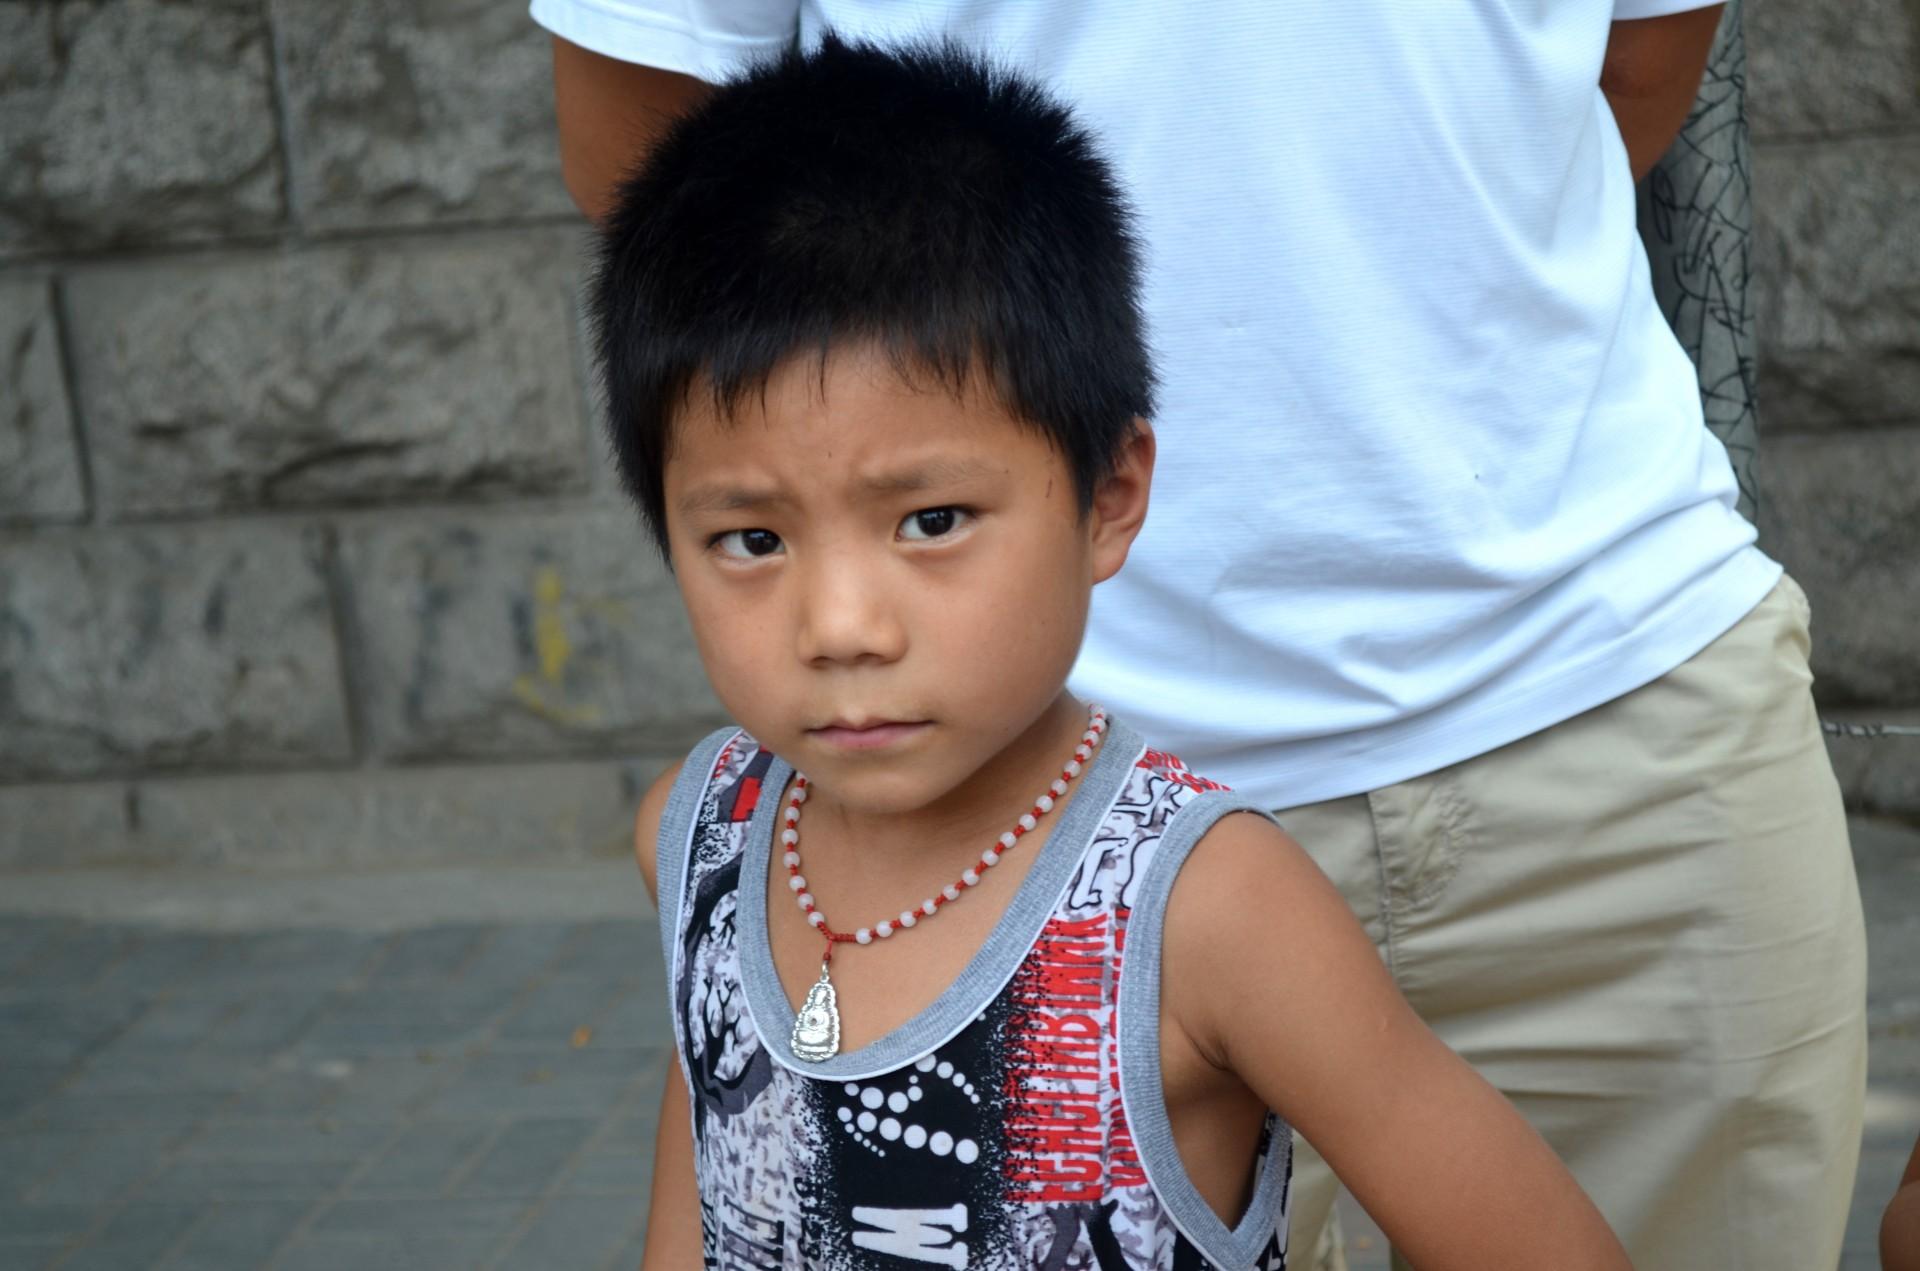 Porté disparu depuis le début du mois de septembre, le jeune Chen Xiping est probablement le garçon a qui appartenait le pancréas dévoré par l'animateur.